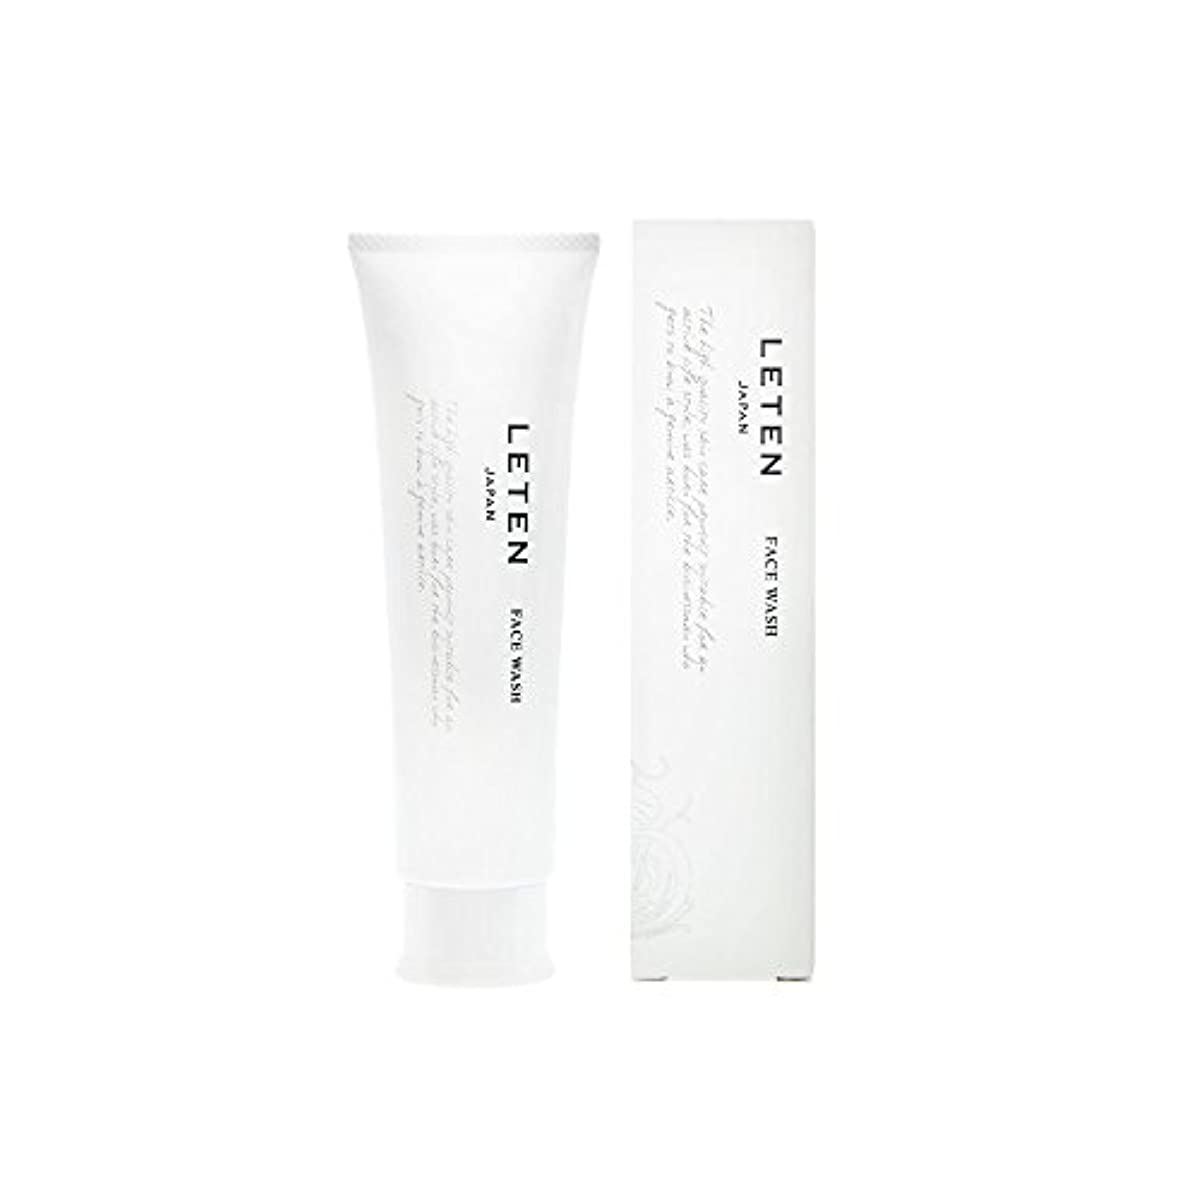 残高吸収剤靴下レテン (LETEN) フェイスウォッシュ 100g 洗顔フォーム 洗顔料 敏感肌